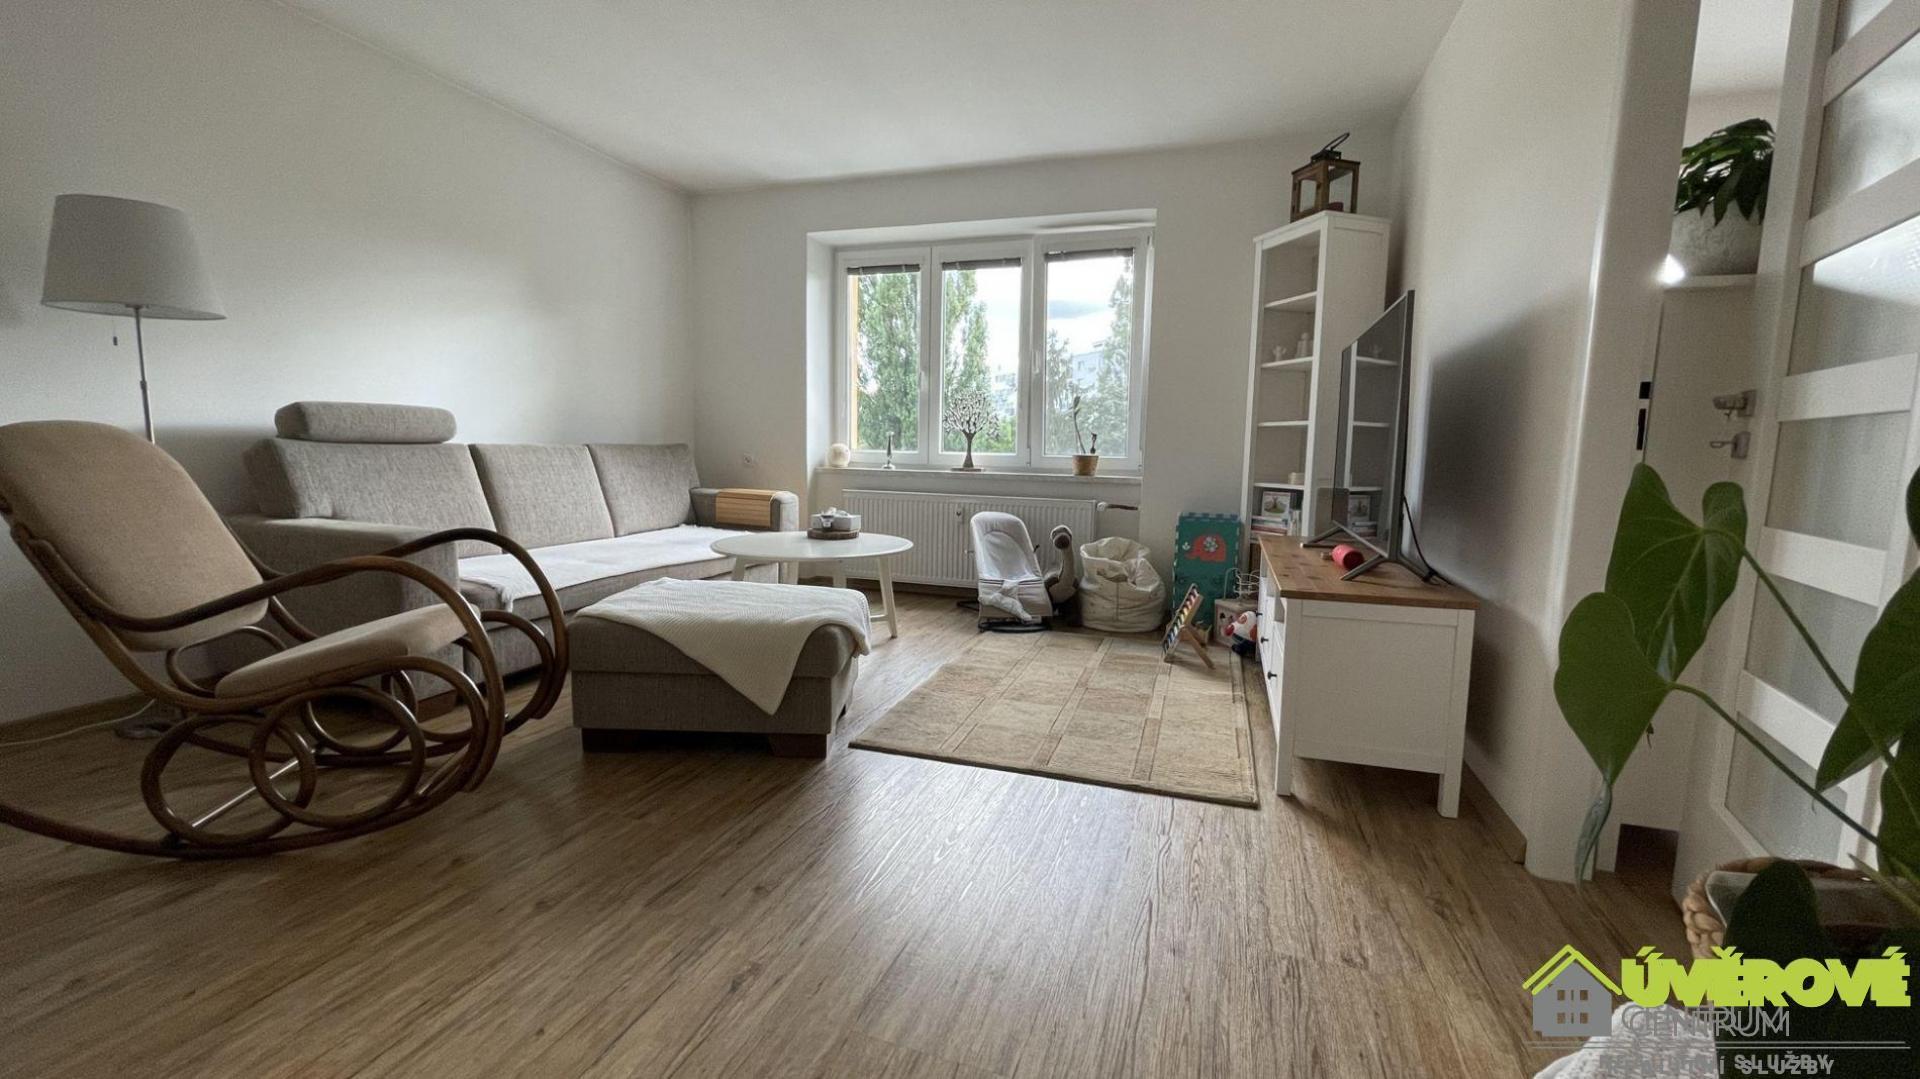 prodej byt 2+1, 56 m2, Brno - Štýřice